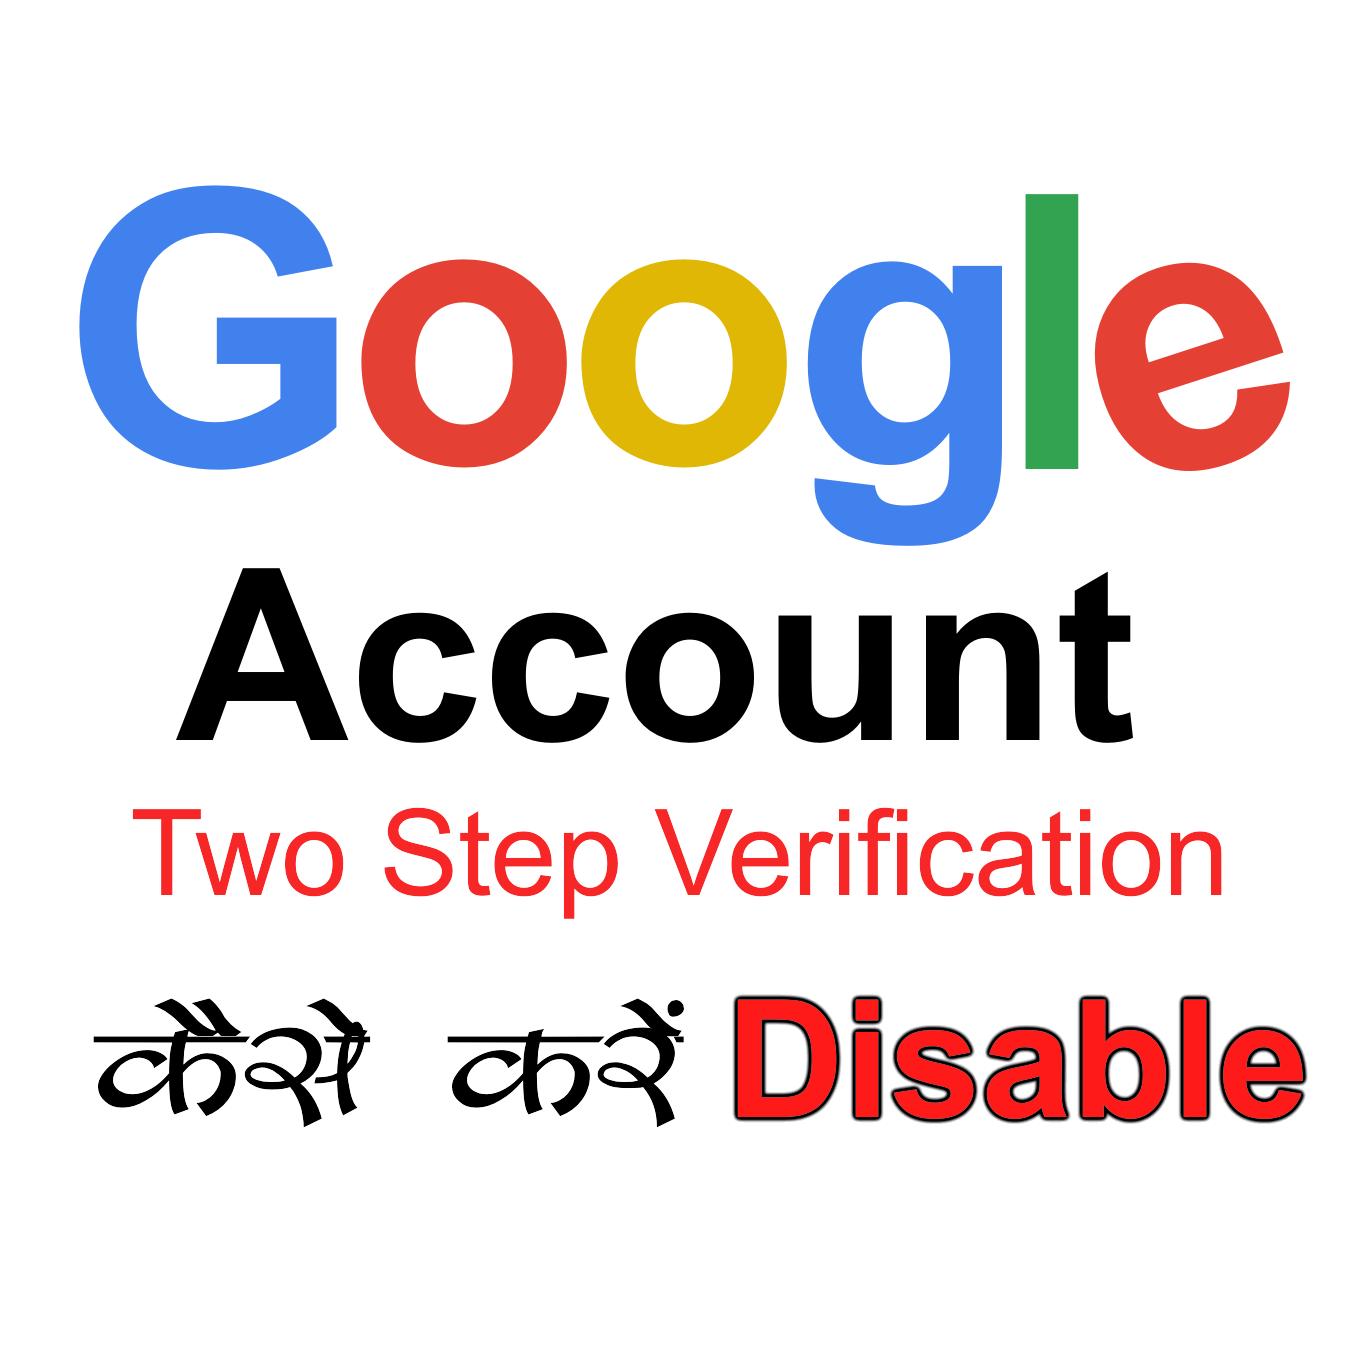 Google Account Two Step Verification Disable Kaise Kare- गूगल अकाउंट २ स्टेप वेरिफिकेशन डिसएबल कैसे करें ?